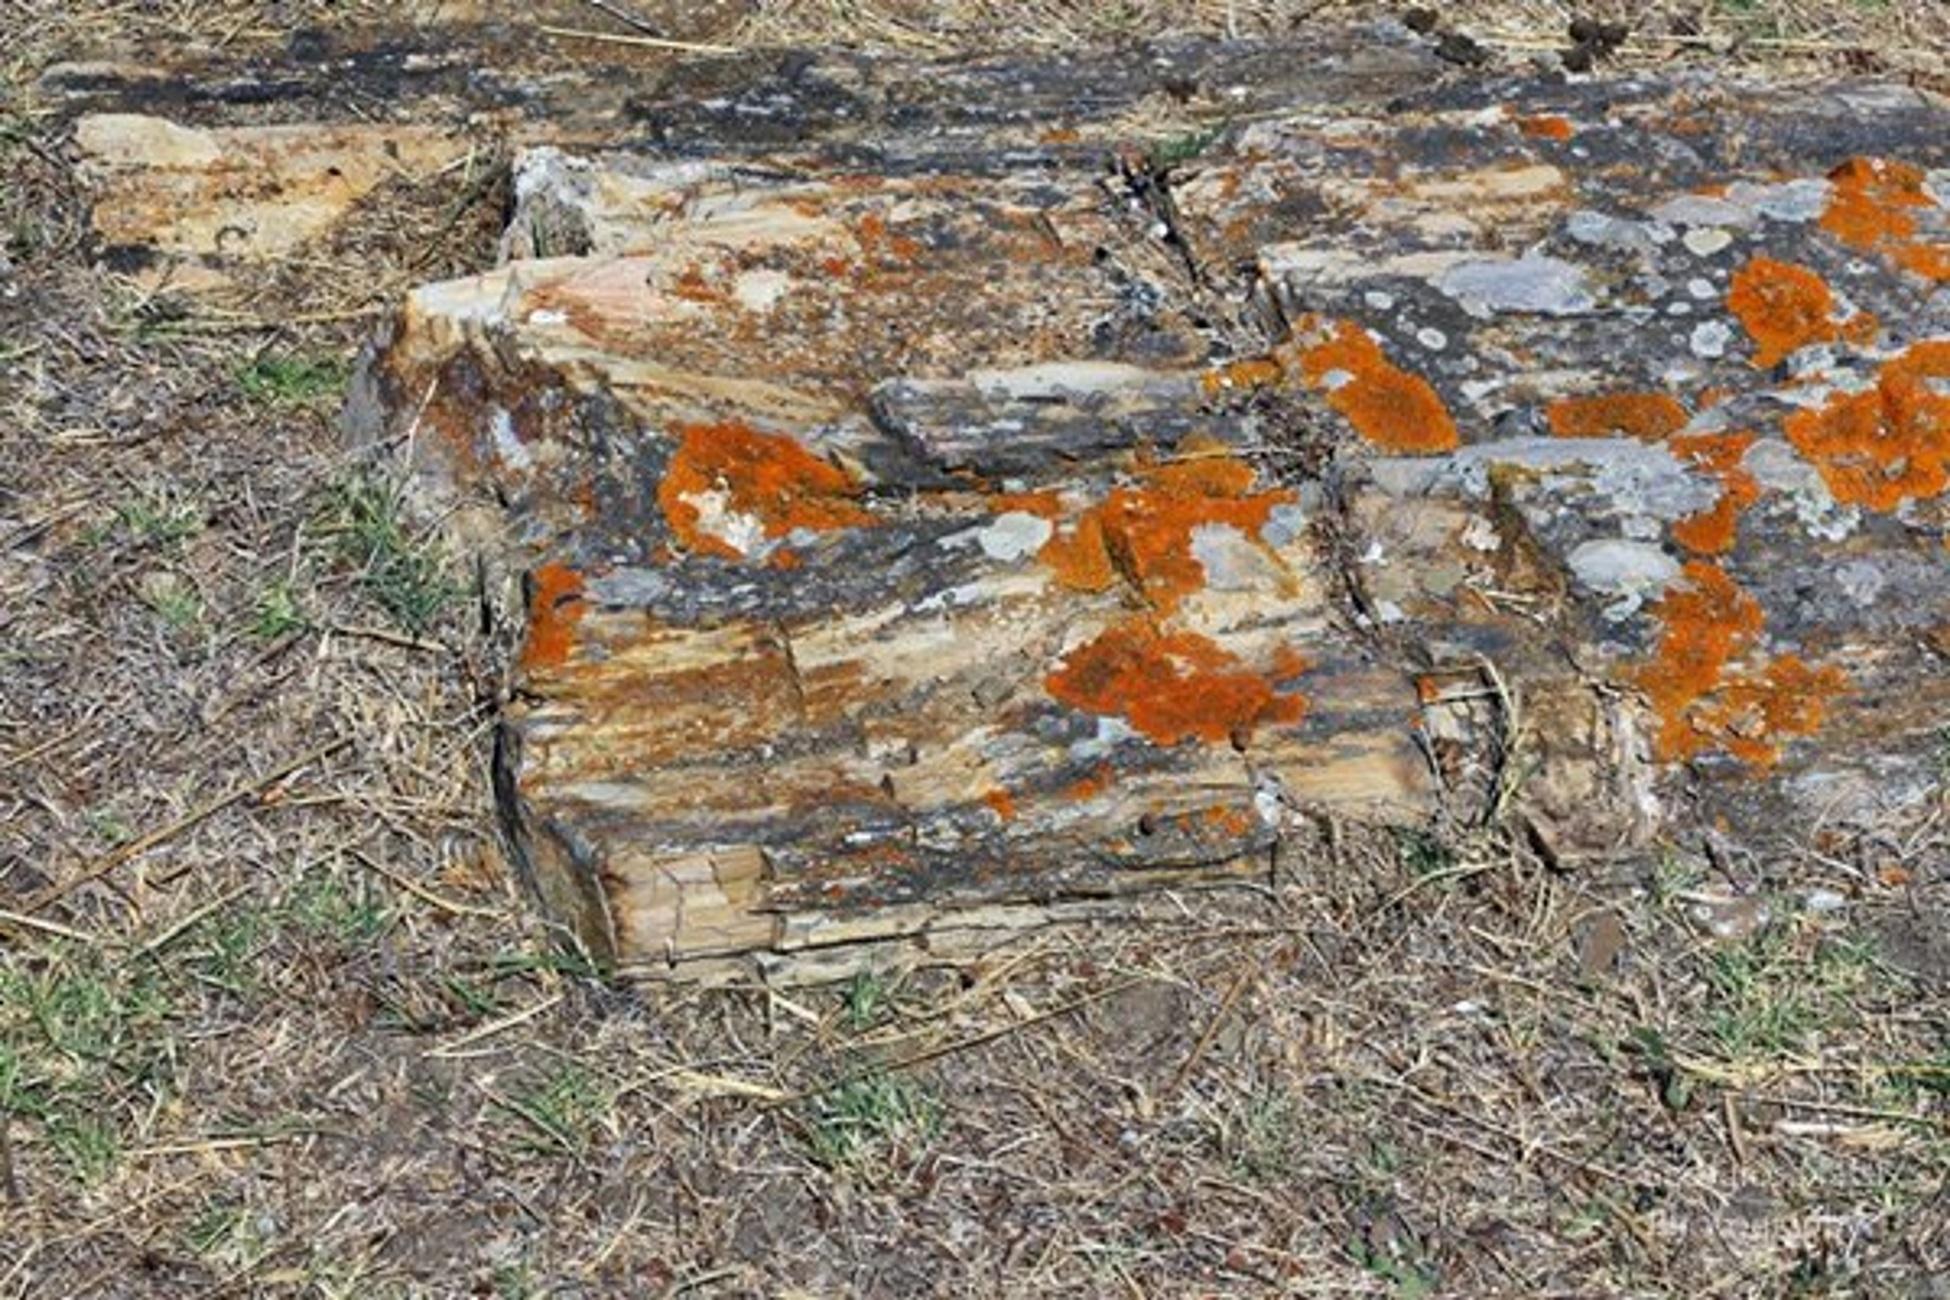 Λήμνος: Αυτός είναι ο γιγαντιαίος κορμός απολιθωμένου δέντρου 20 εκατομμυρίων χρόνων! Έκπληκτοι οι επιστήμονες (Φωτό)